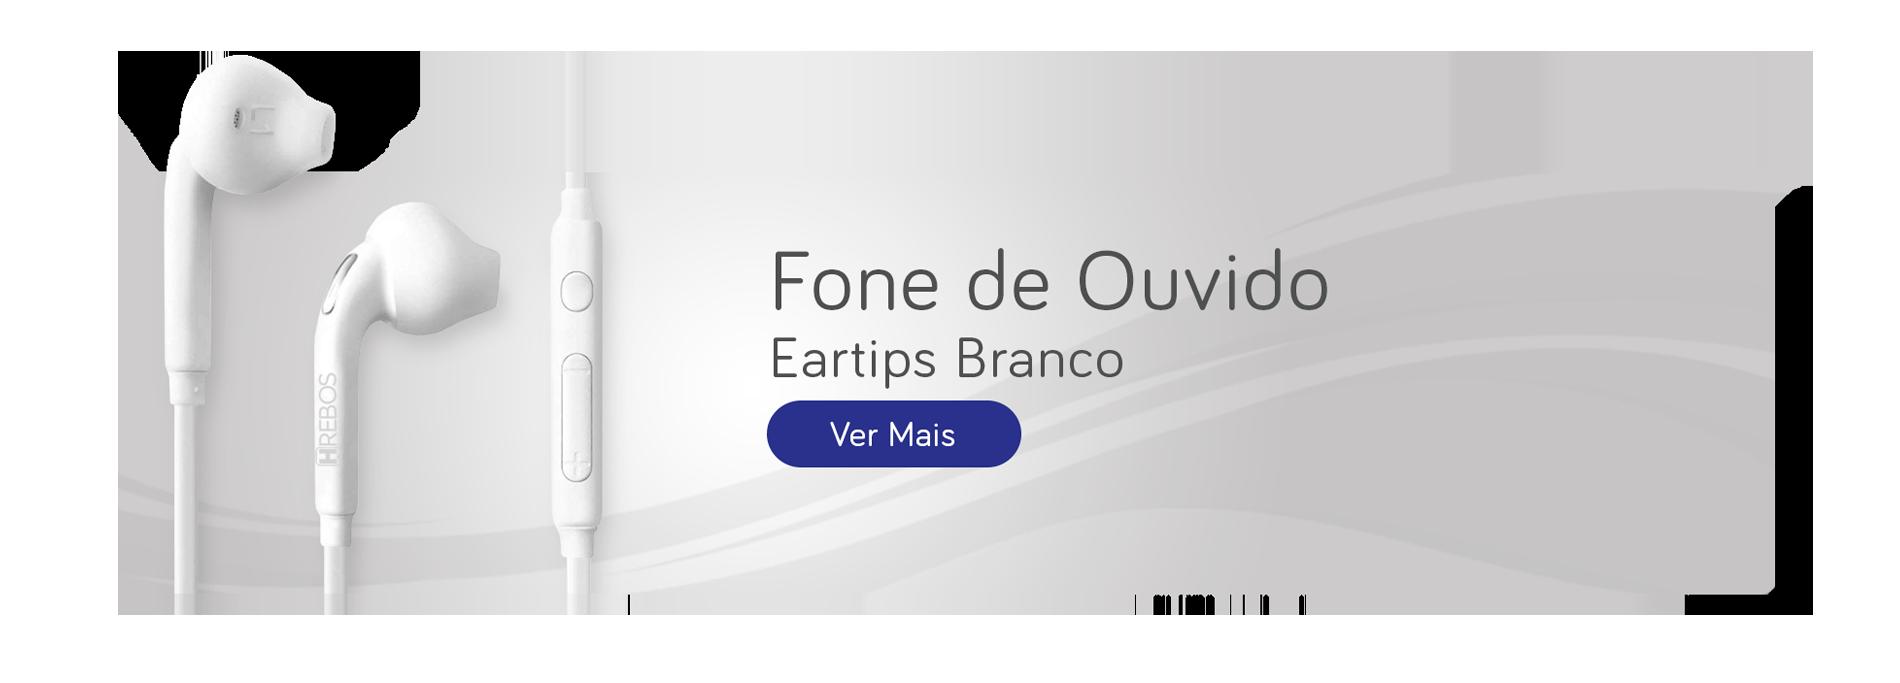 m-banner-fone-de-ouvido-eartips-branco